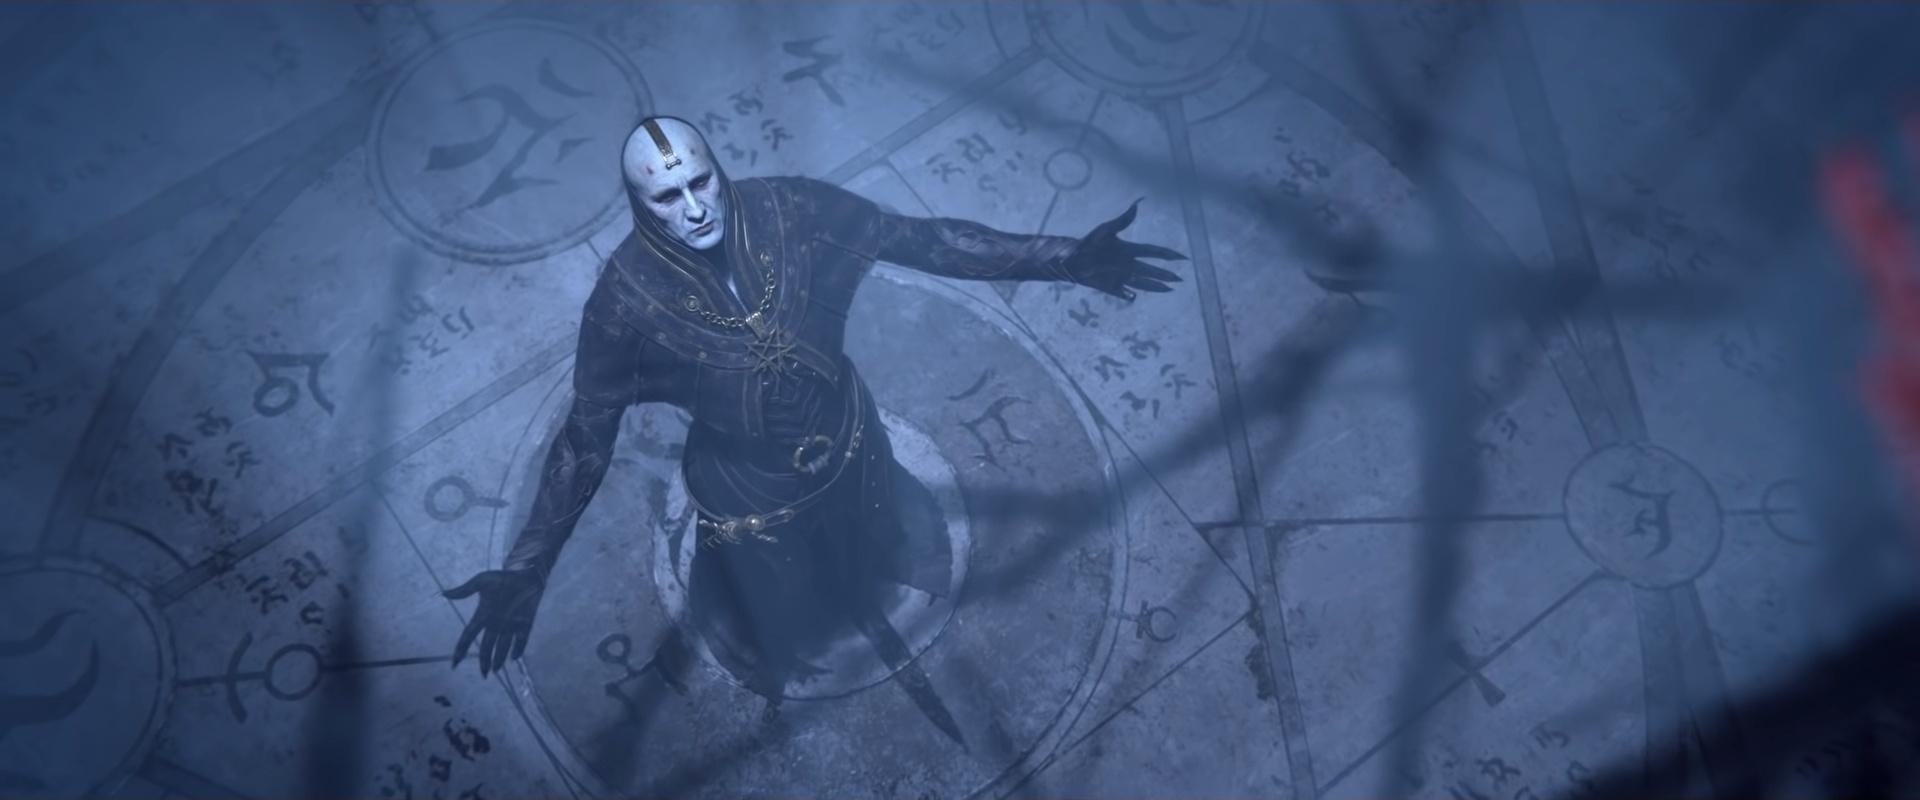 《暗黑4》新情报透露:剧情宏大 游戏体验比暗黑3棒